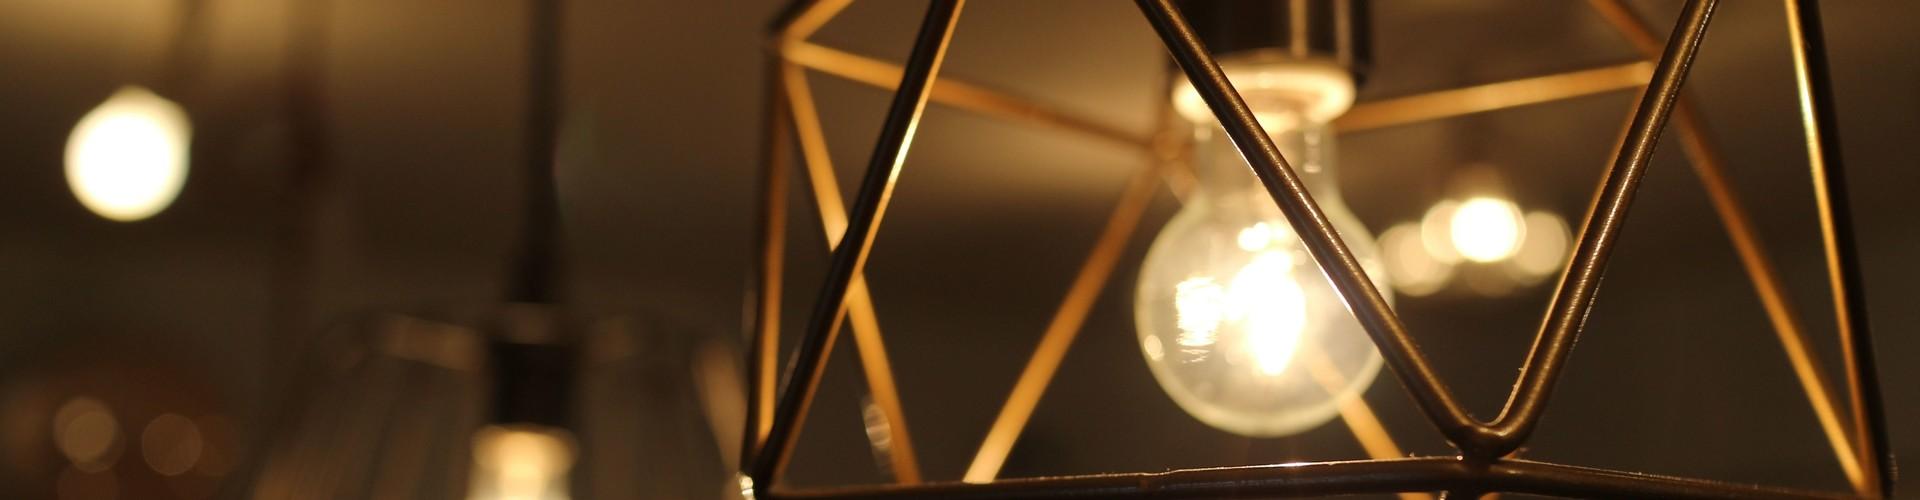 Deindustriëlewandlamp is de laatste jaren erg populair geworden